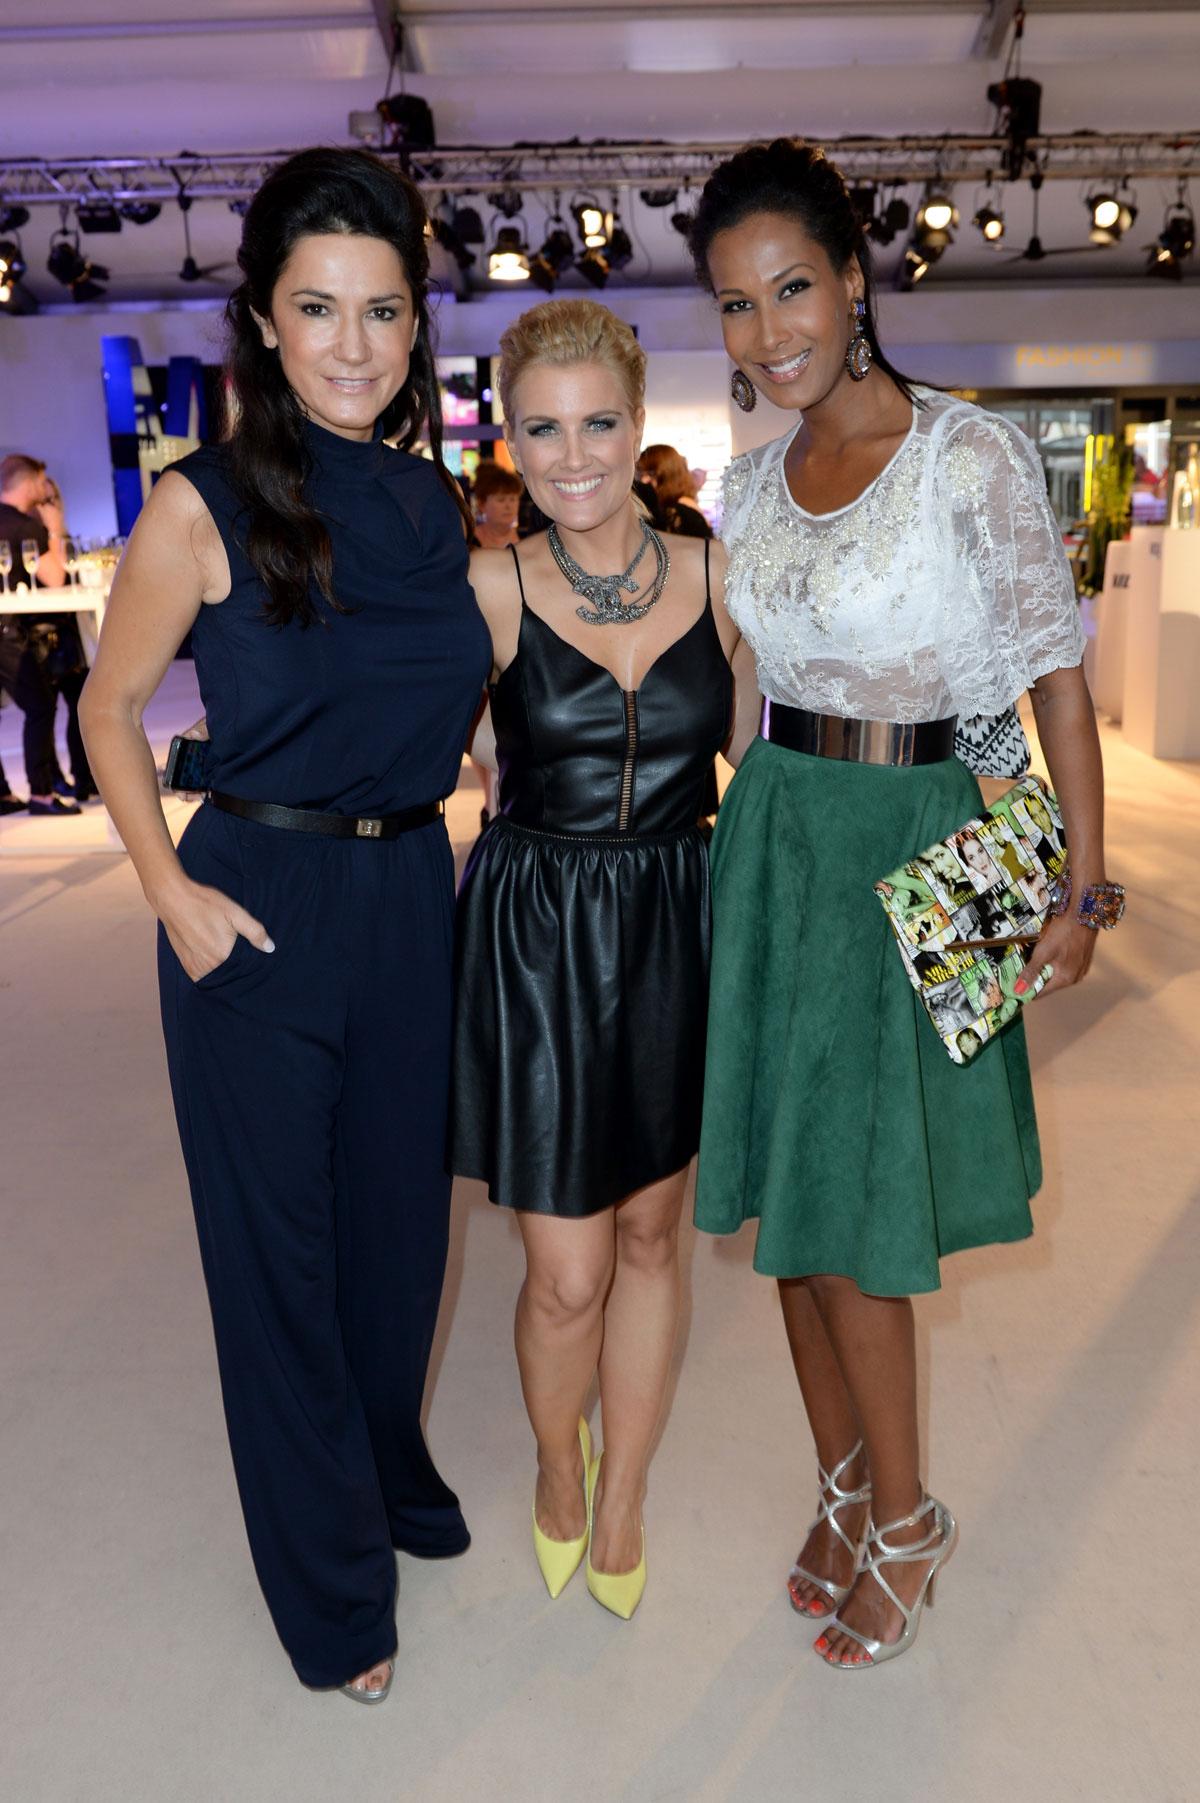 German celebs attend Mercedes-Benz Fashion Week Spring Summer 2015 - part 2